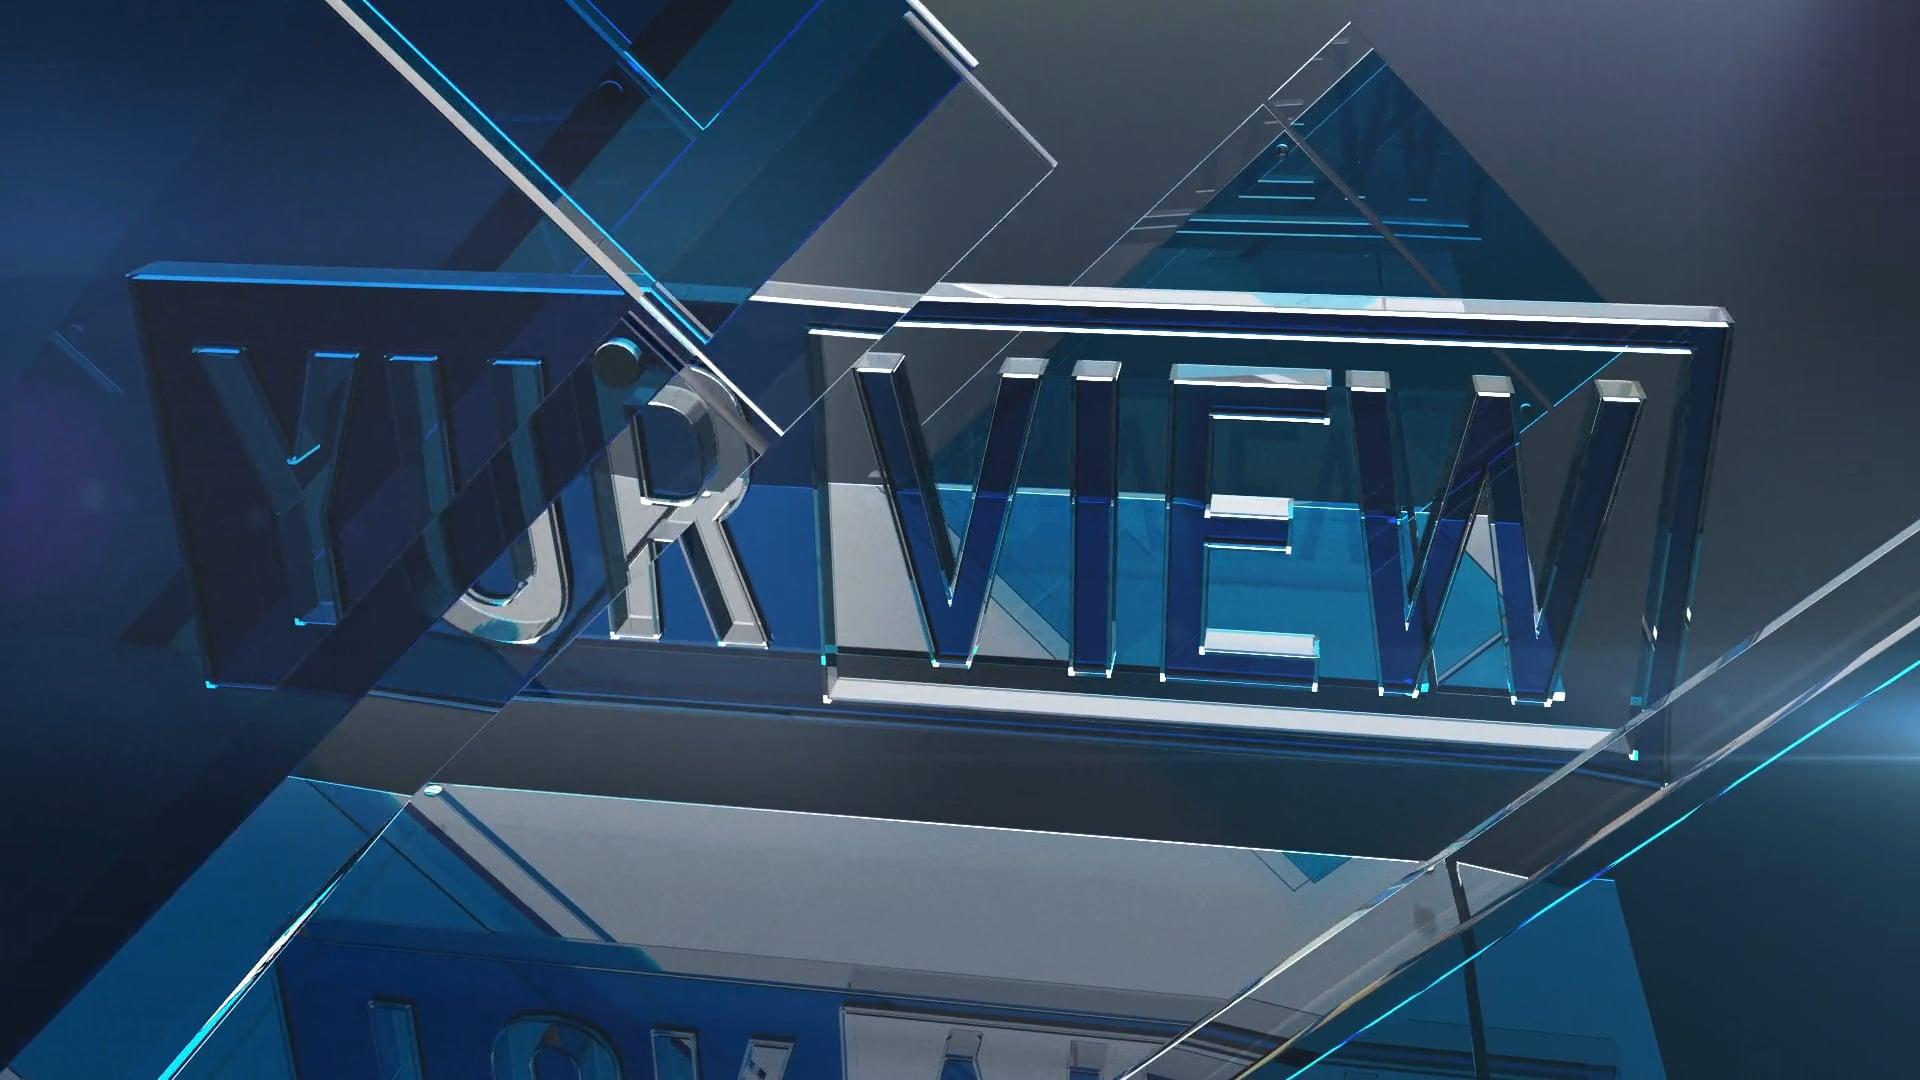 COX YURVIEW Network Branding